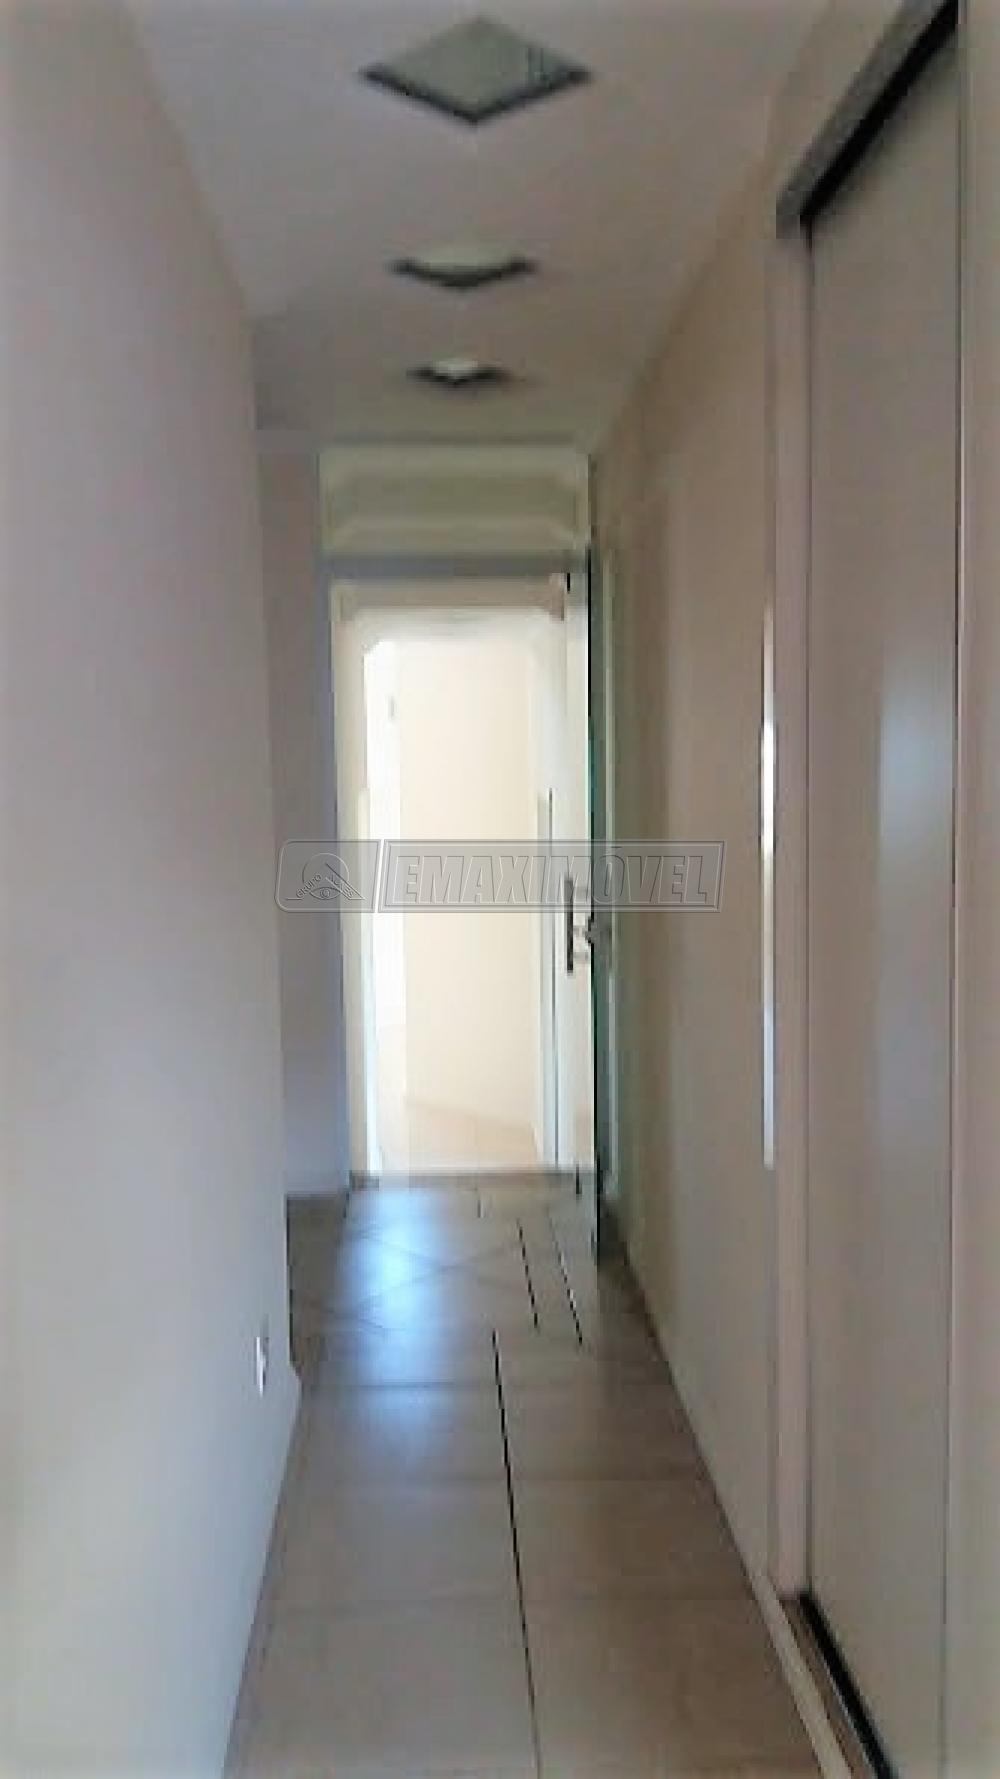 Comprar Casas / em Bairros em Sorocaba apenas R$ 899.000,00 - Foto 17